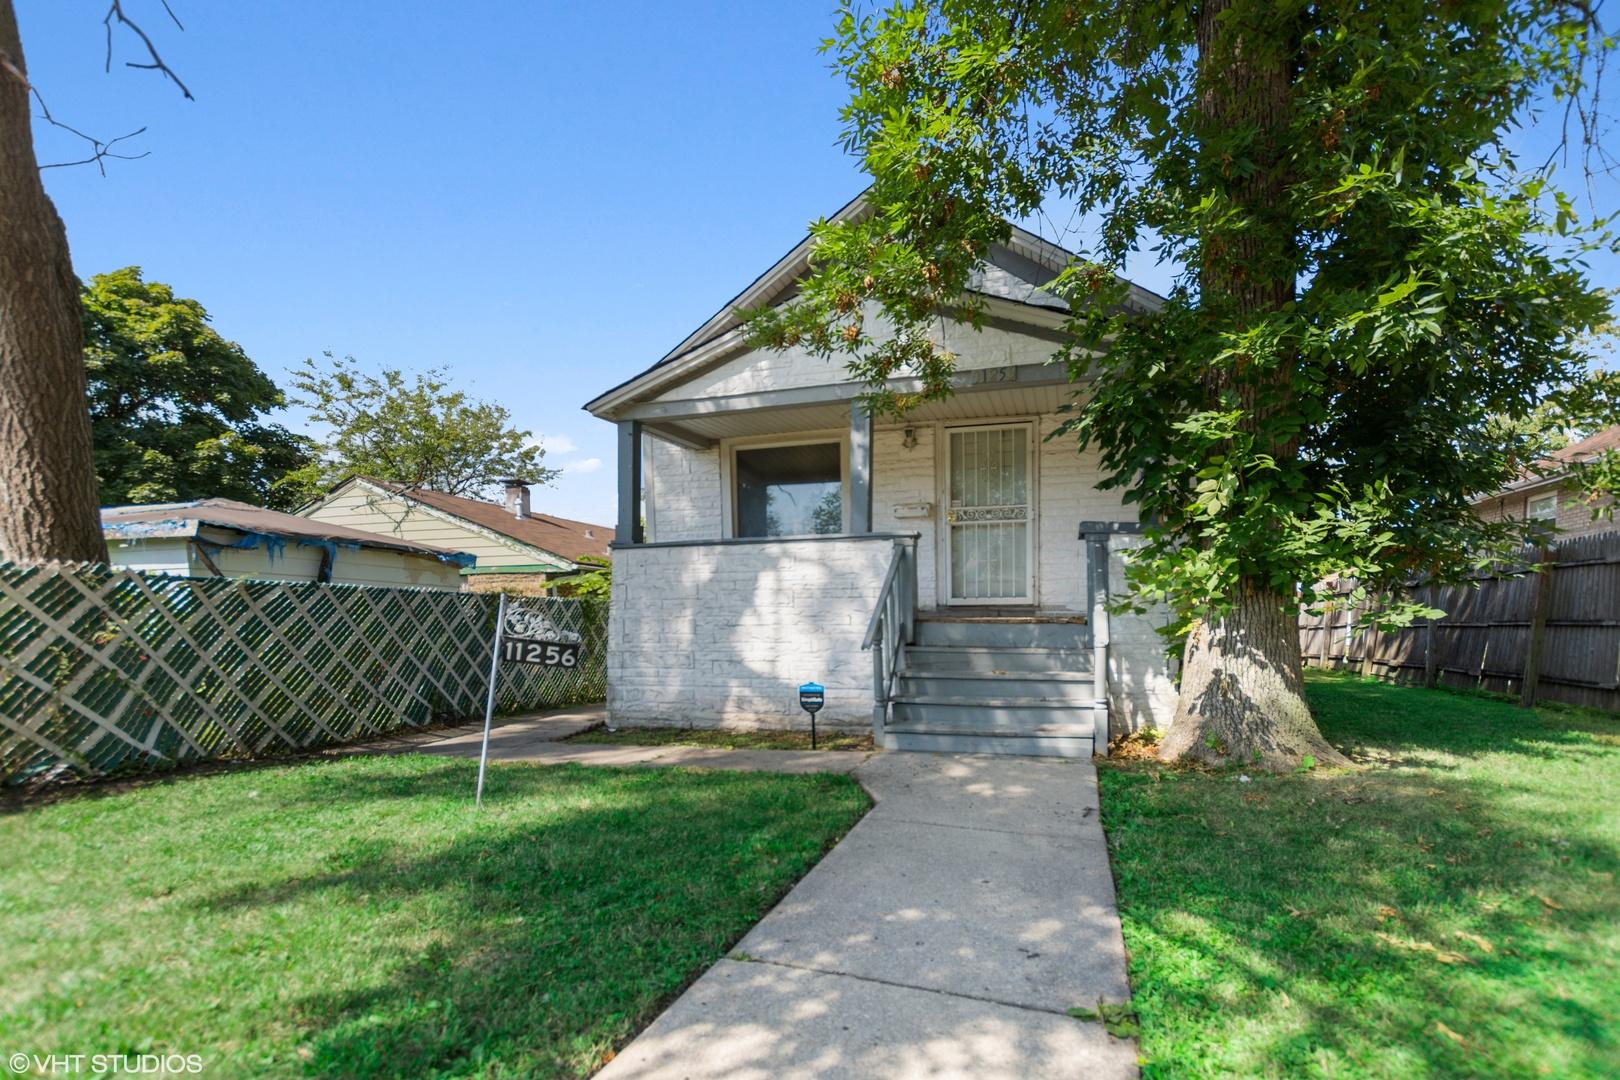 11256 S Homewood Exterior Photo